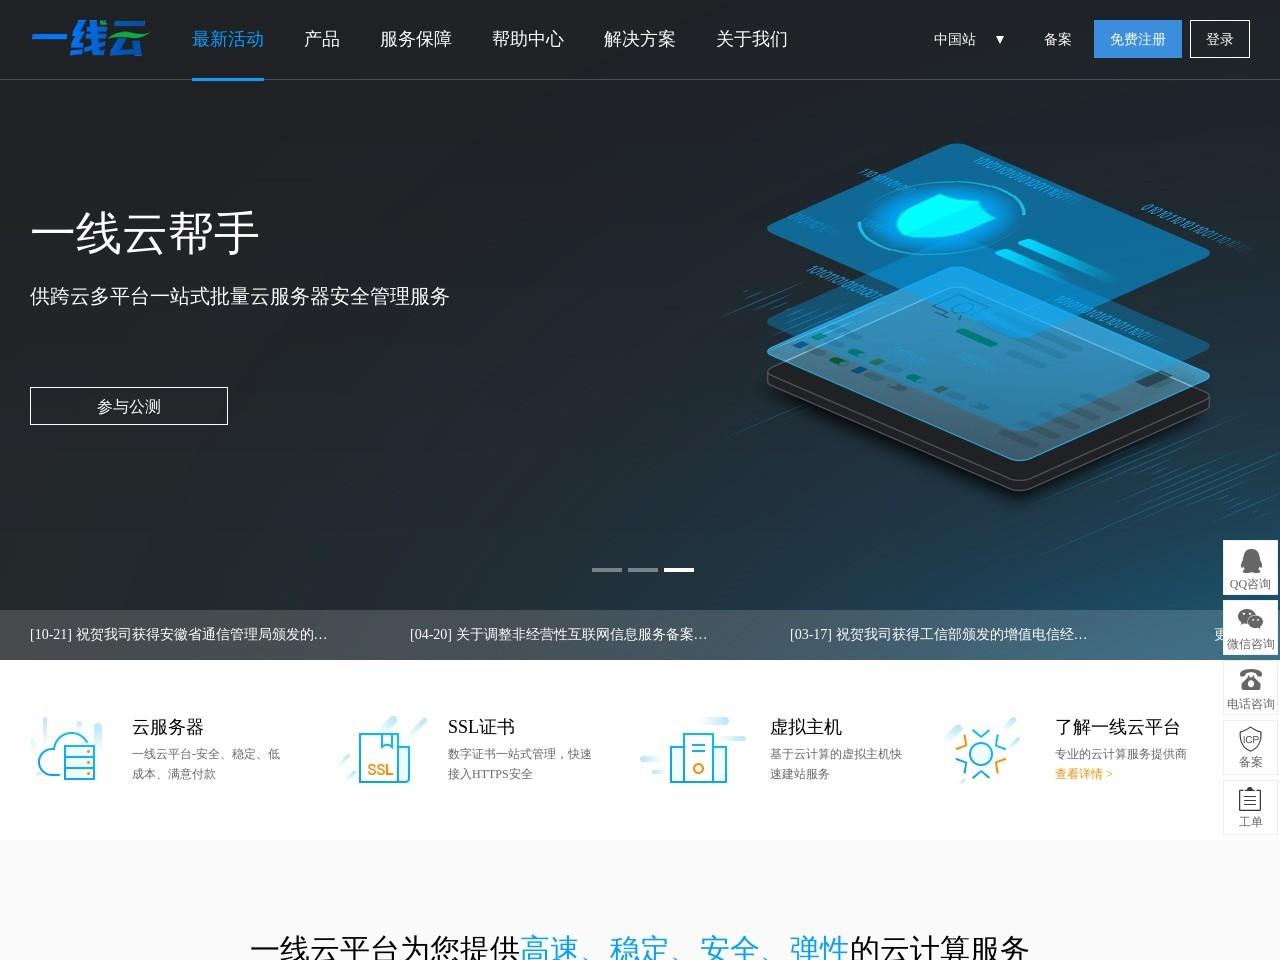 一线信息云计算 - 国内云服务器、香港云服务器、国内虚拟主机、国内服务器租用托管服务提供商-一线云平台